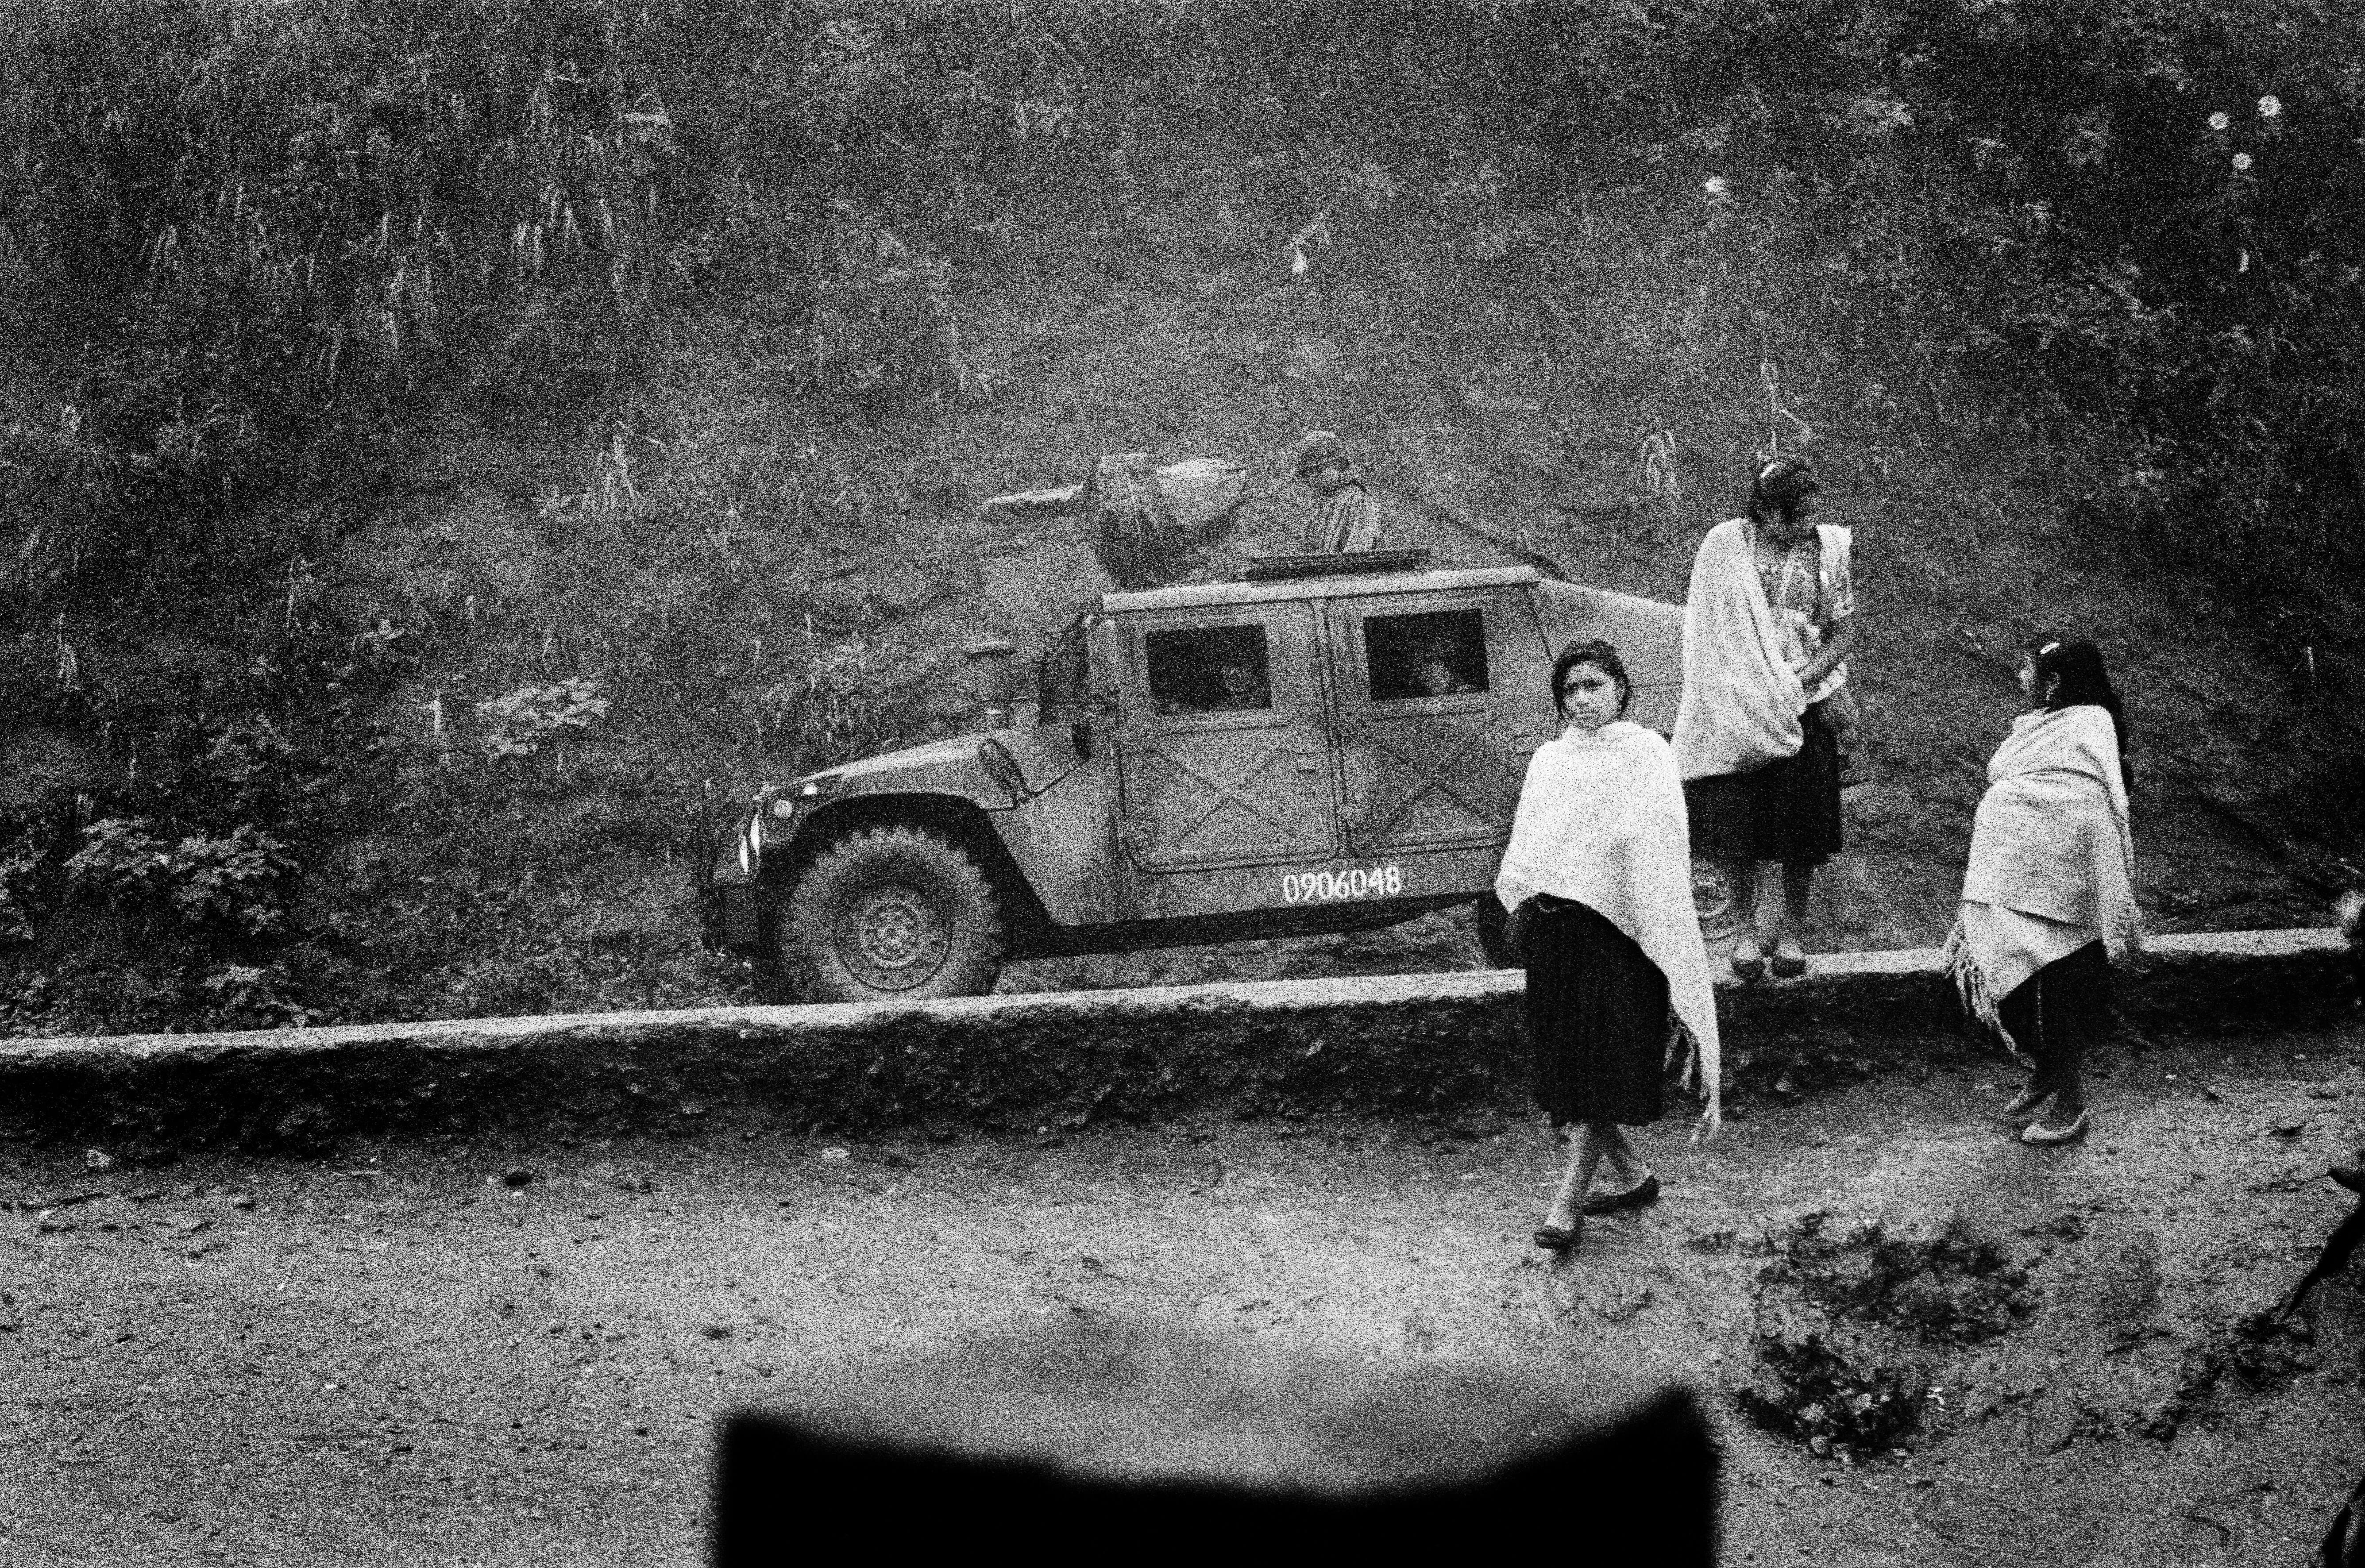 Un convoy militar en la entrada del campo de desplazados de Polhó. Dos años antes de la masacre de Acteal, el ejército ocupa aún la región.    Mat Jacob. Chiapas, insurrección zapatista en México, 1995-2013   Museo Amparo, Puebla